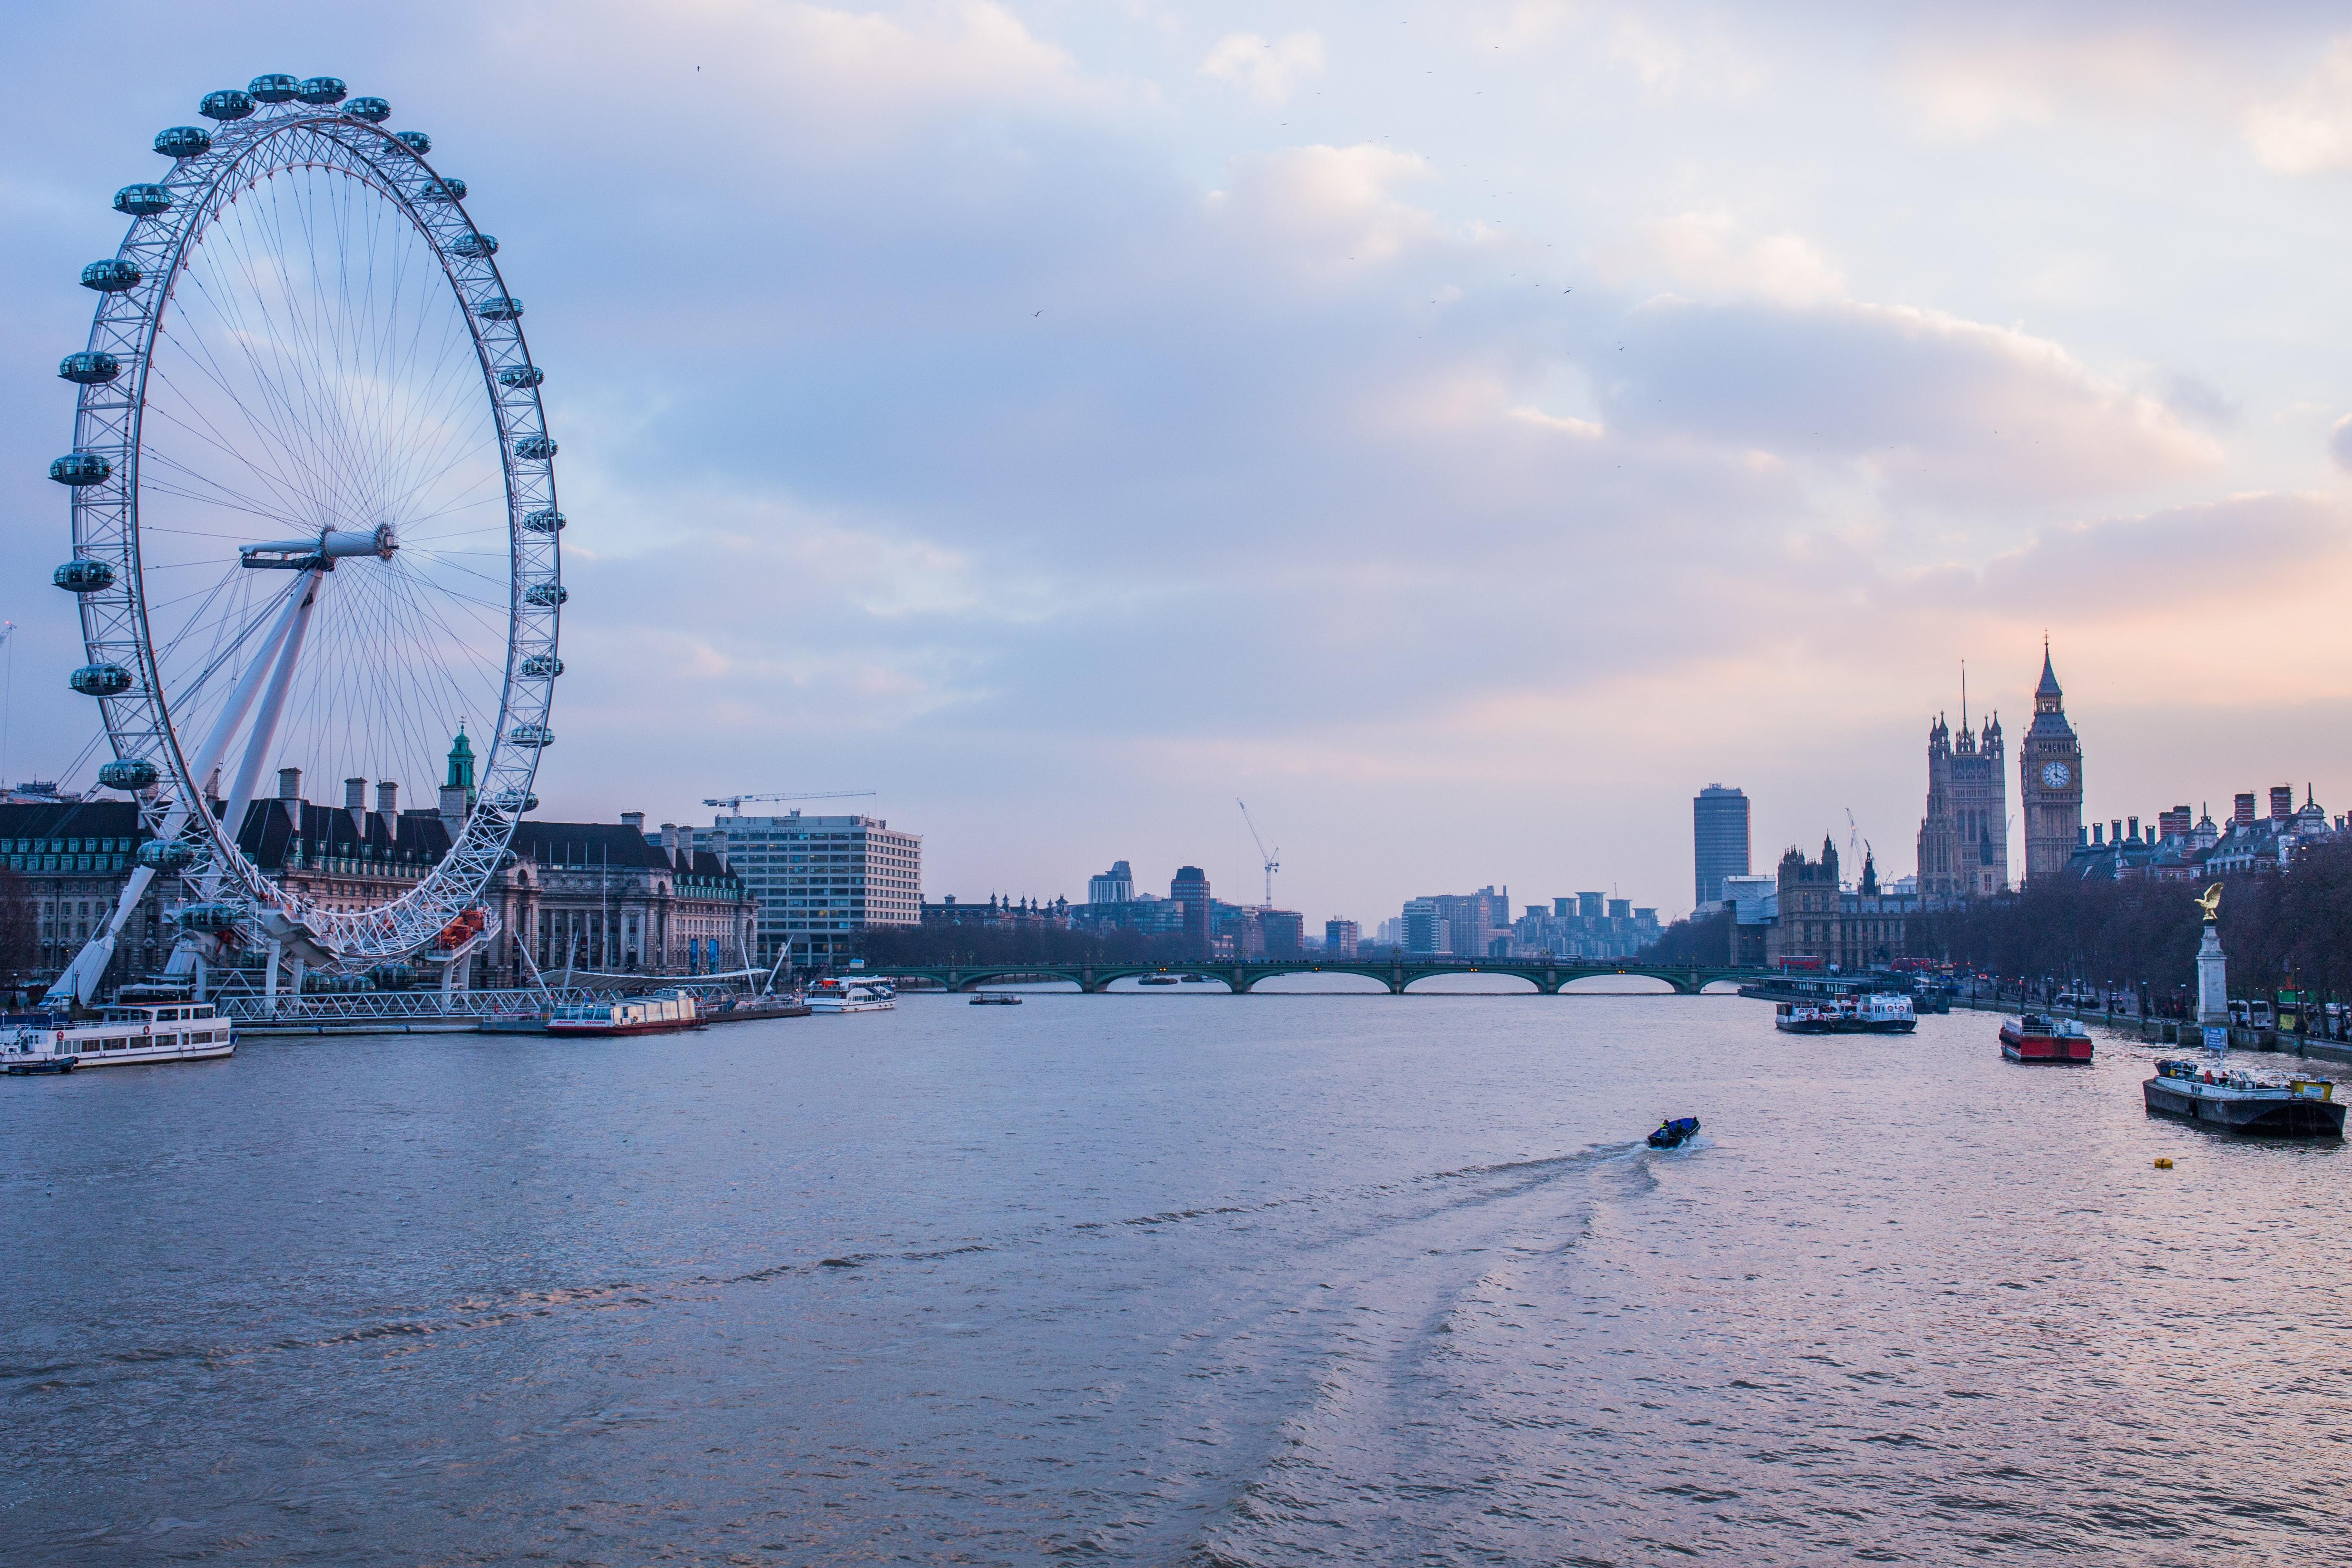 sunset-river-london-thames-34632.jpg